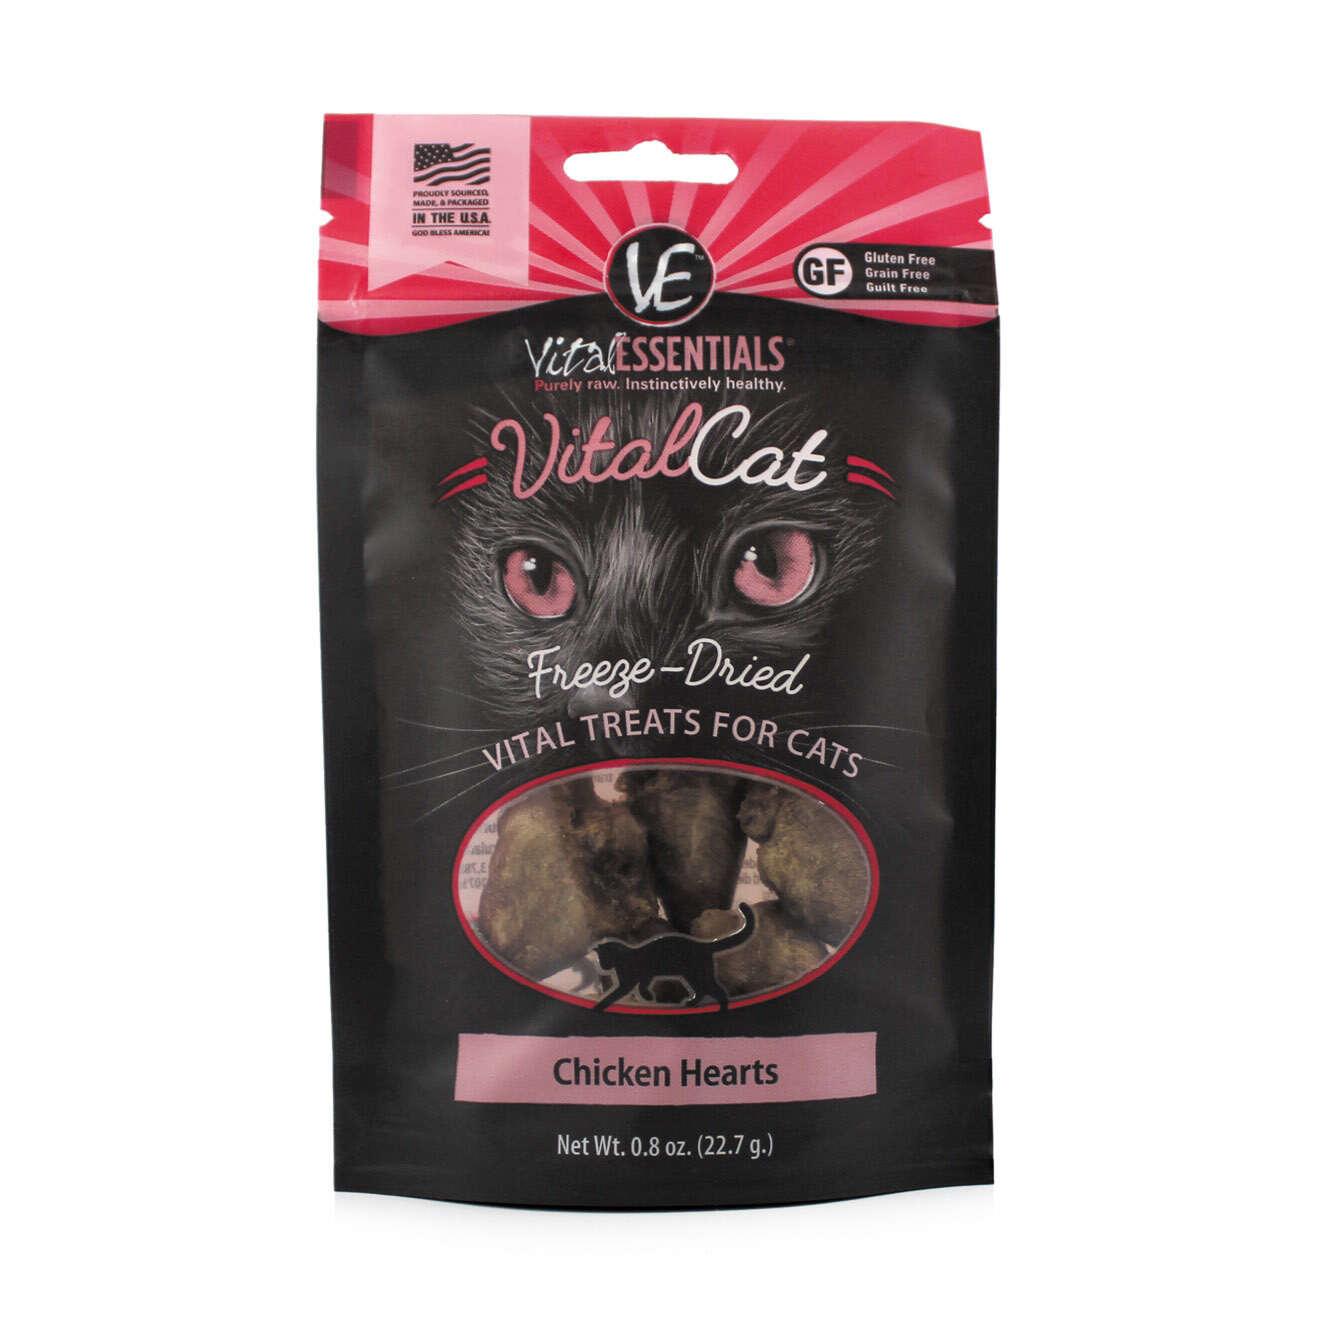 Vital Essentials Vital Essentials Freeze Dried Chicken Hearts Cat Treat 0.8oz